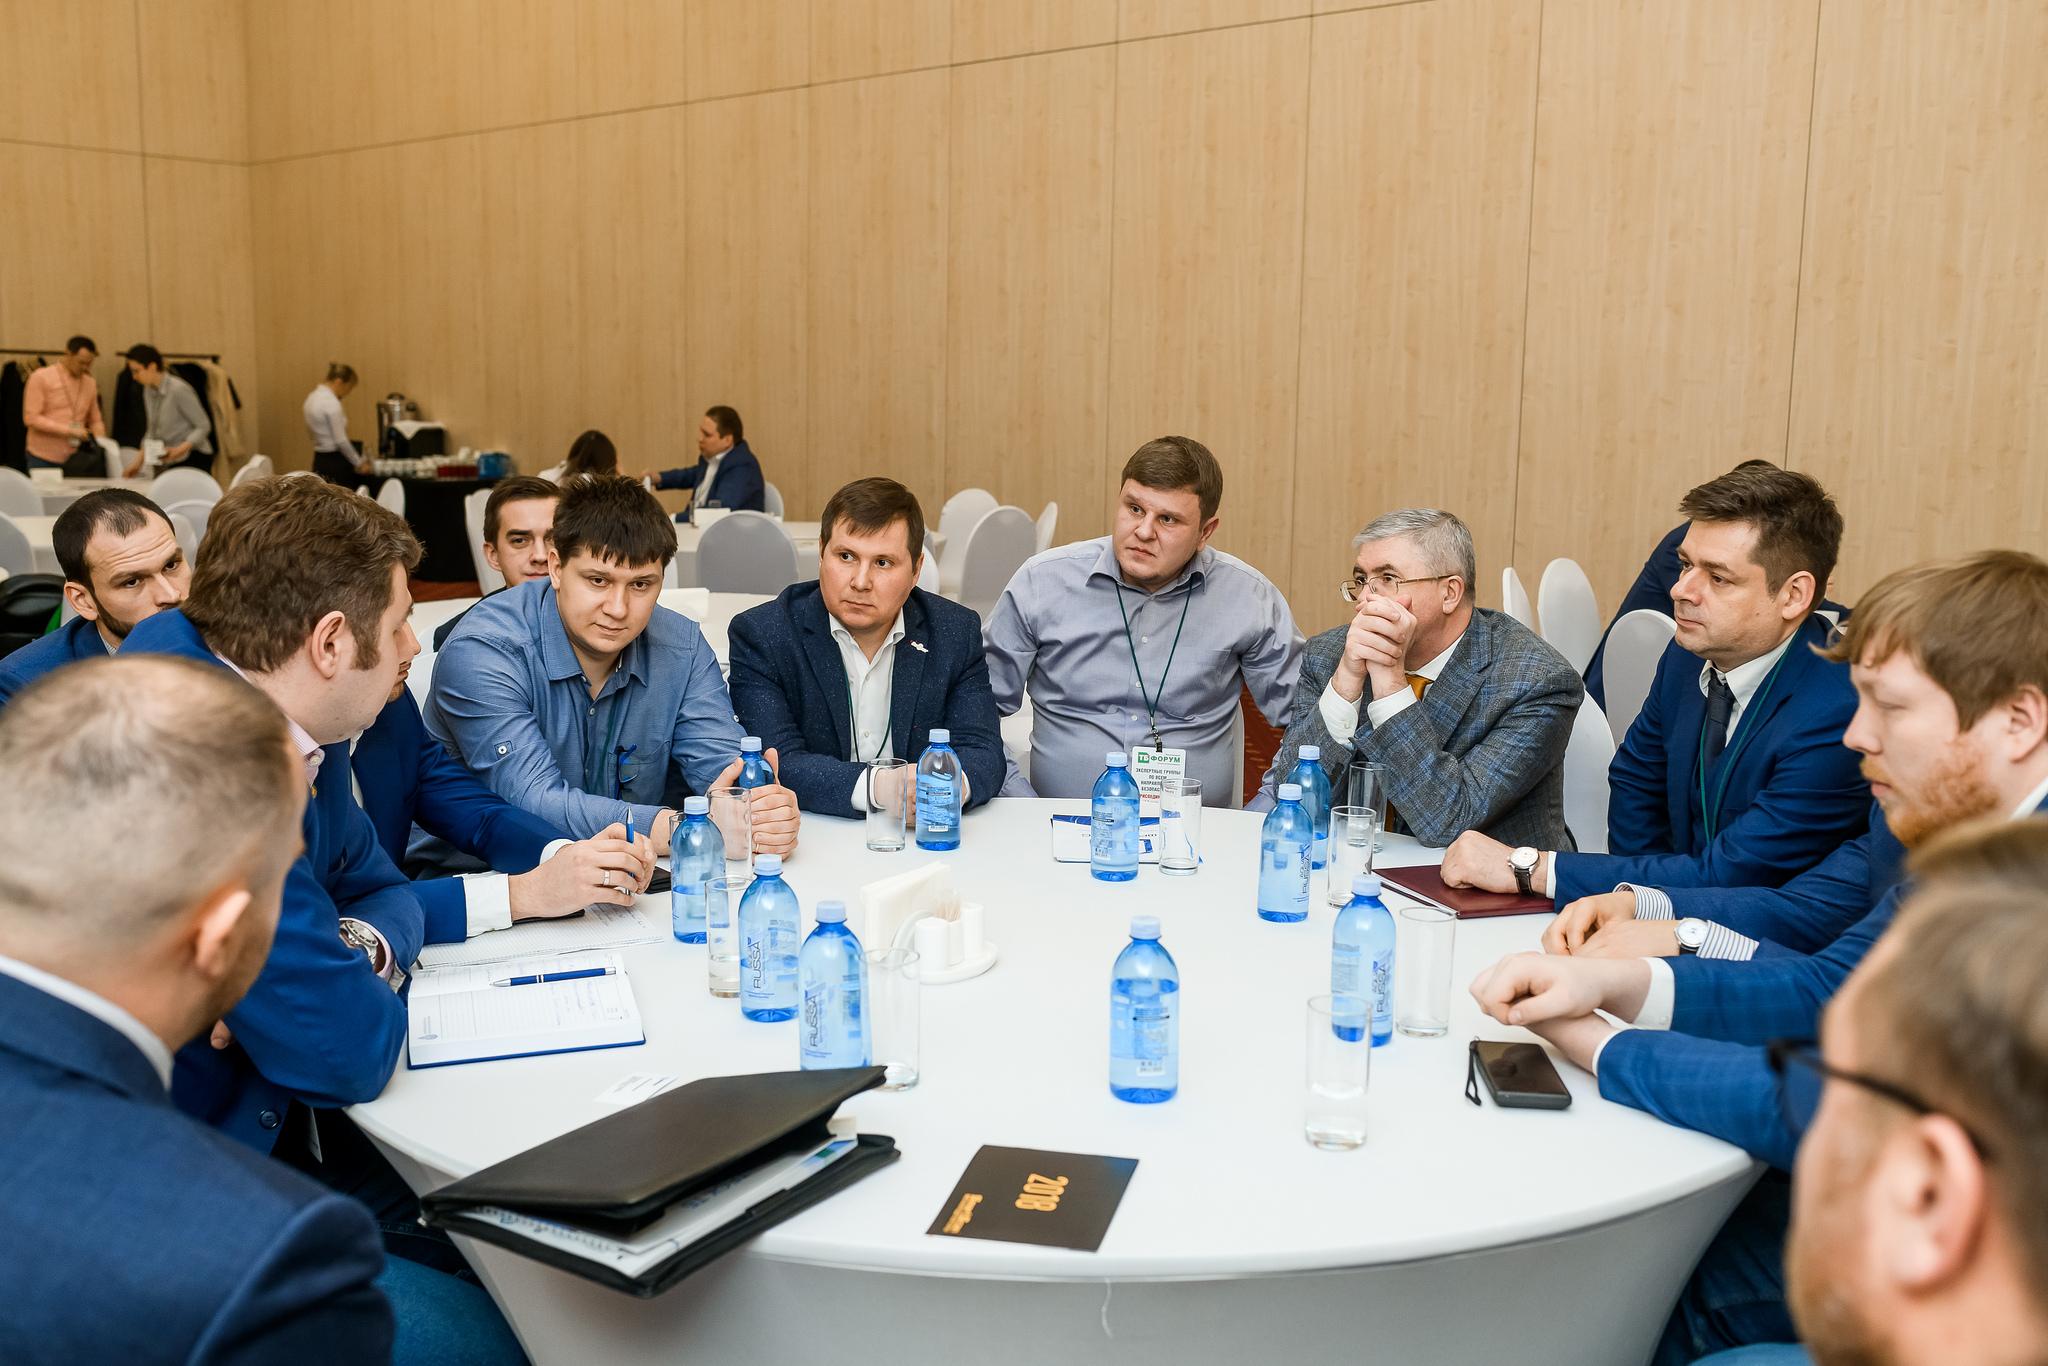 Смарт-кварталы: встреча с застройщиками и управляющими компаниями в Мосгордуме